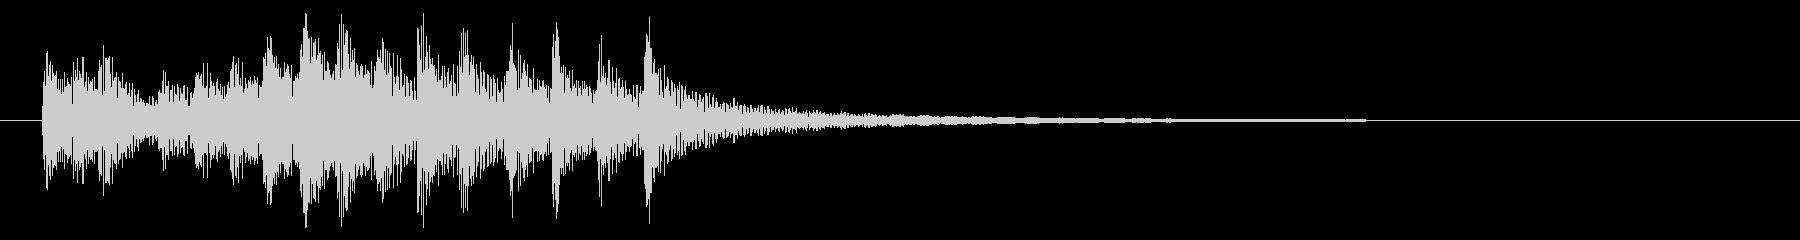 ドラム、トム、タイプC-低、スロー...の未再生の波形